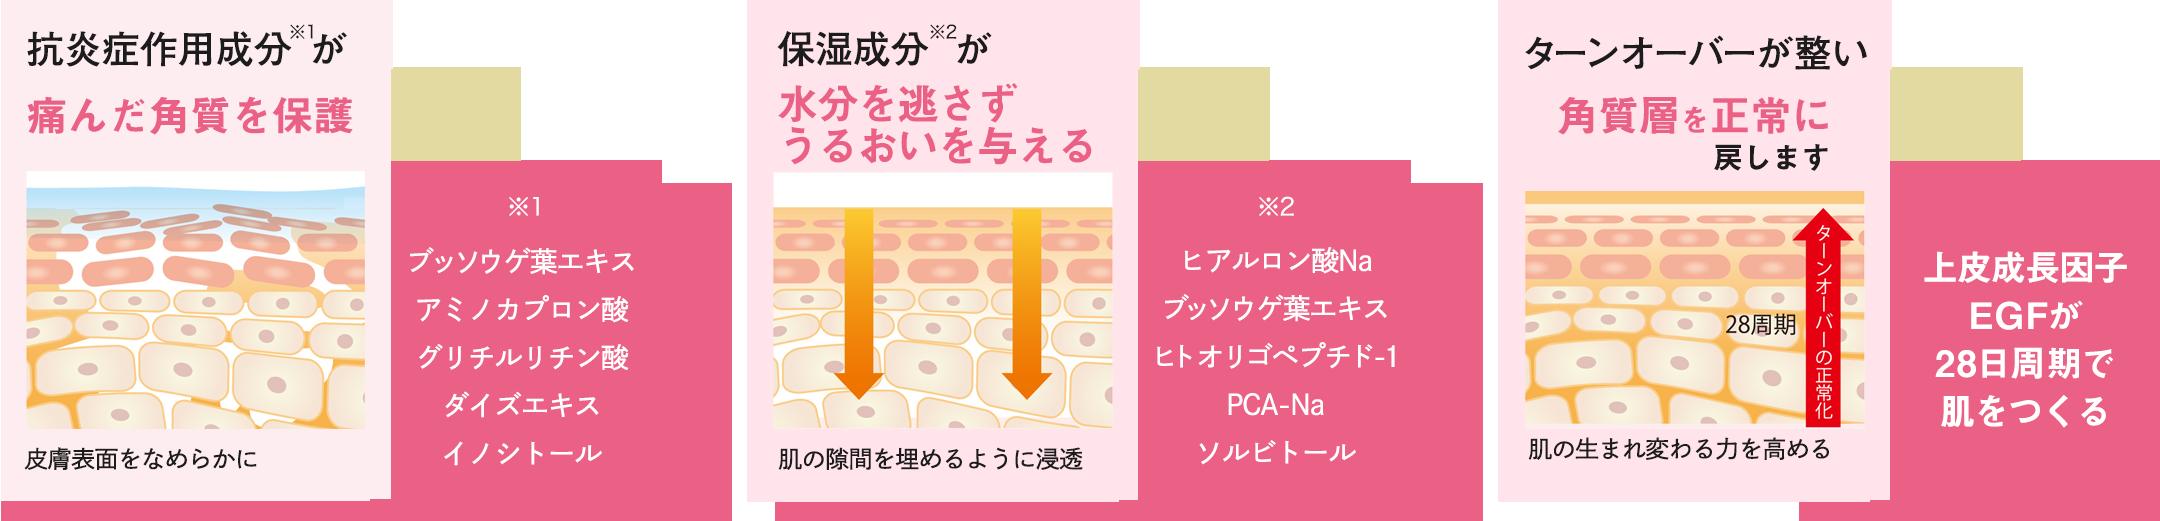 抗炎症作用成分が痛んだ角質を保護 保湿成分が水分を逃さずうるおいを与える ターンオーバーが整い角質層を正常に戻します